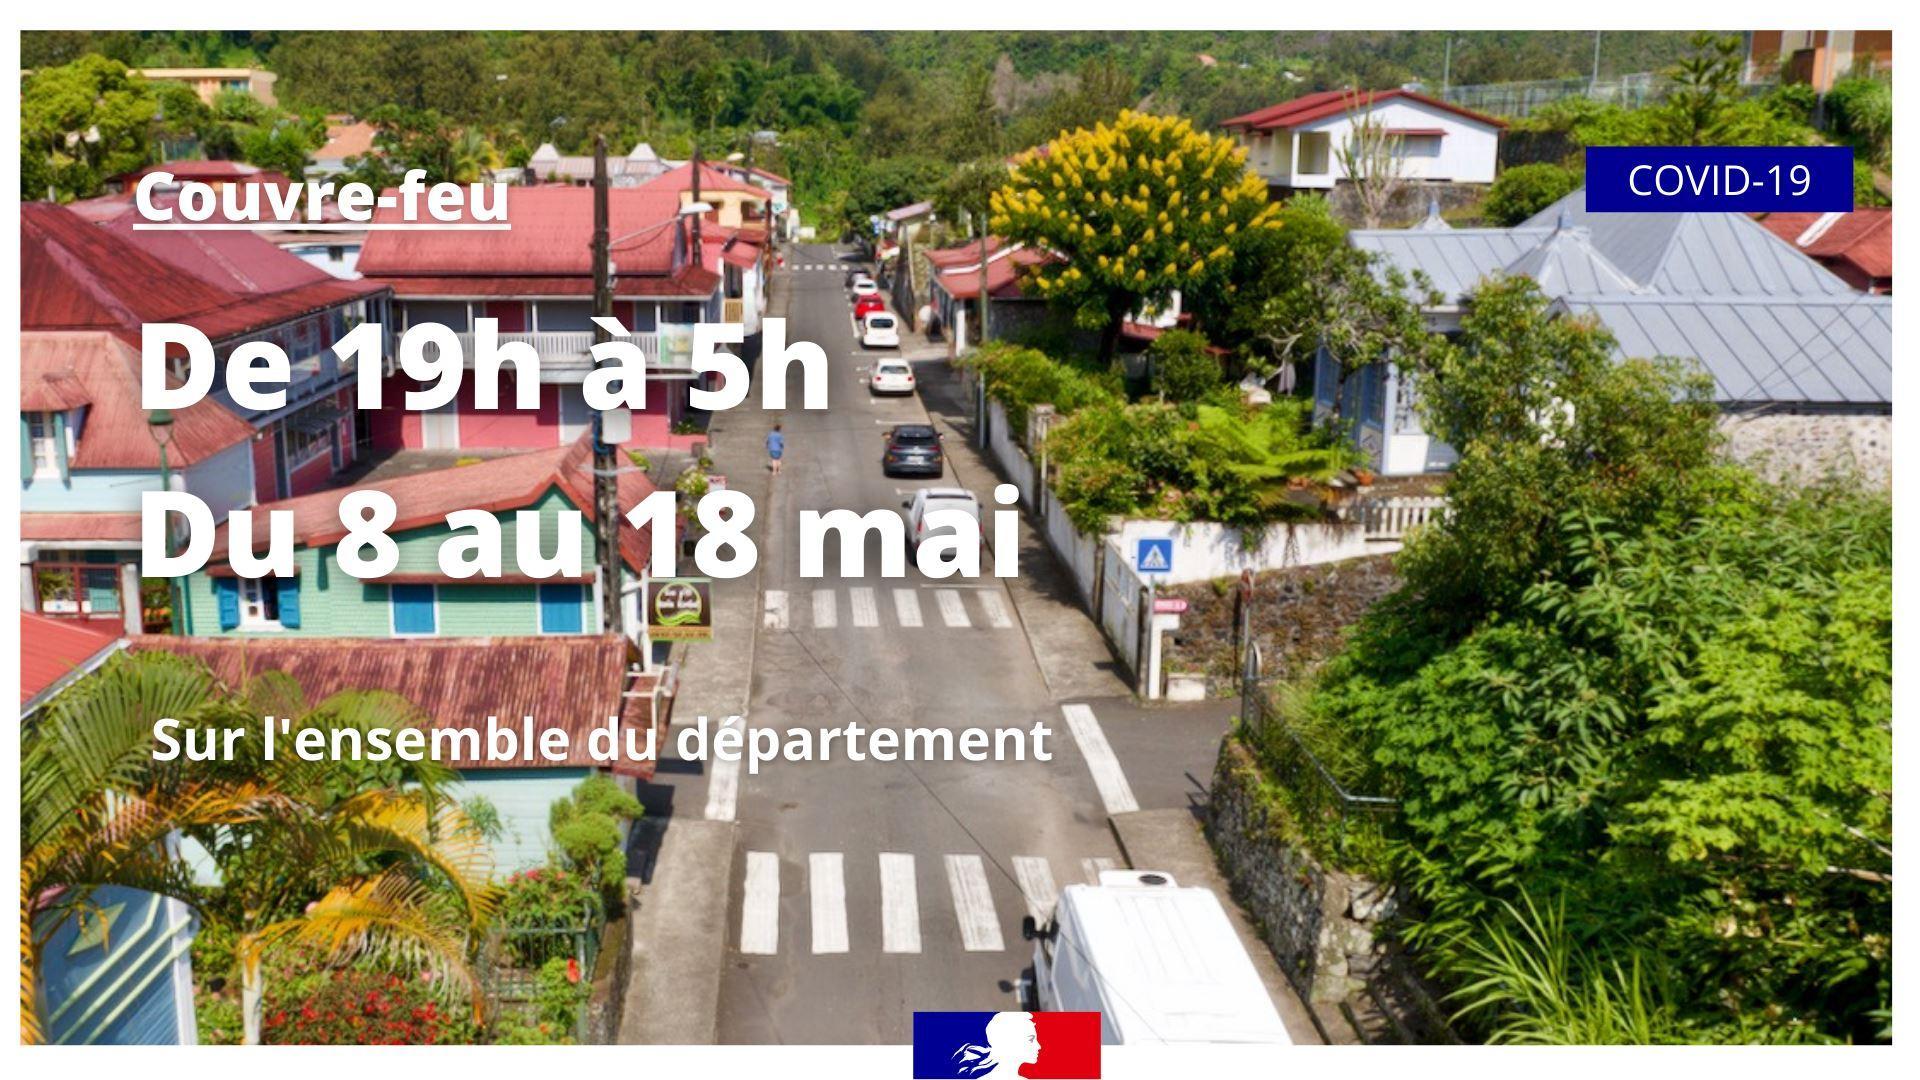 Couvre-feu, bars et restaurants, rassemblements : Le préfet de La Réunion détaille son « plan de désescalade progressif des mesures »